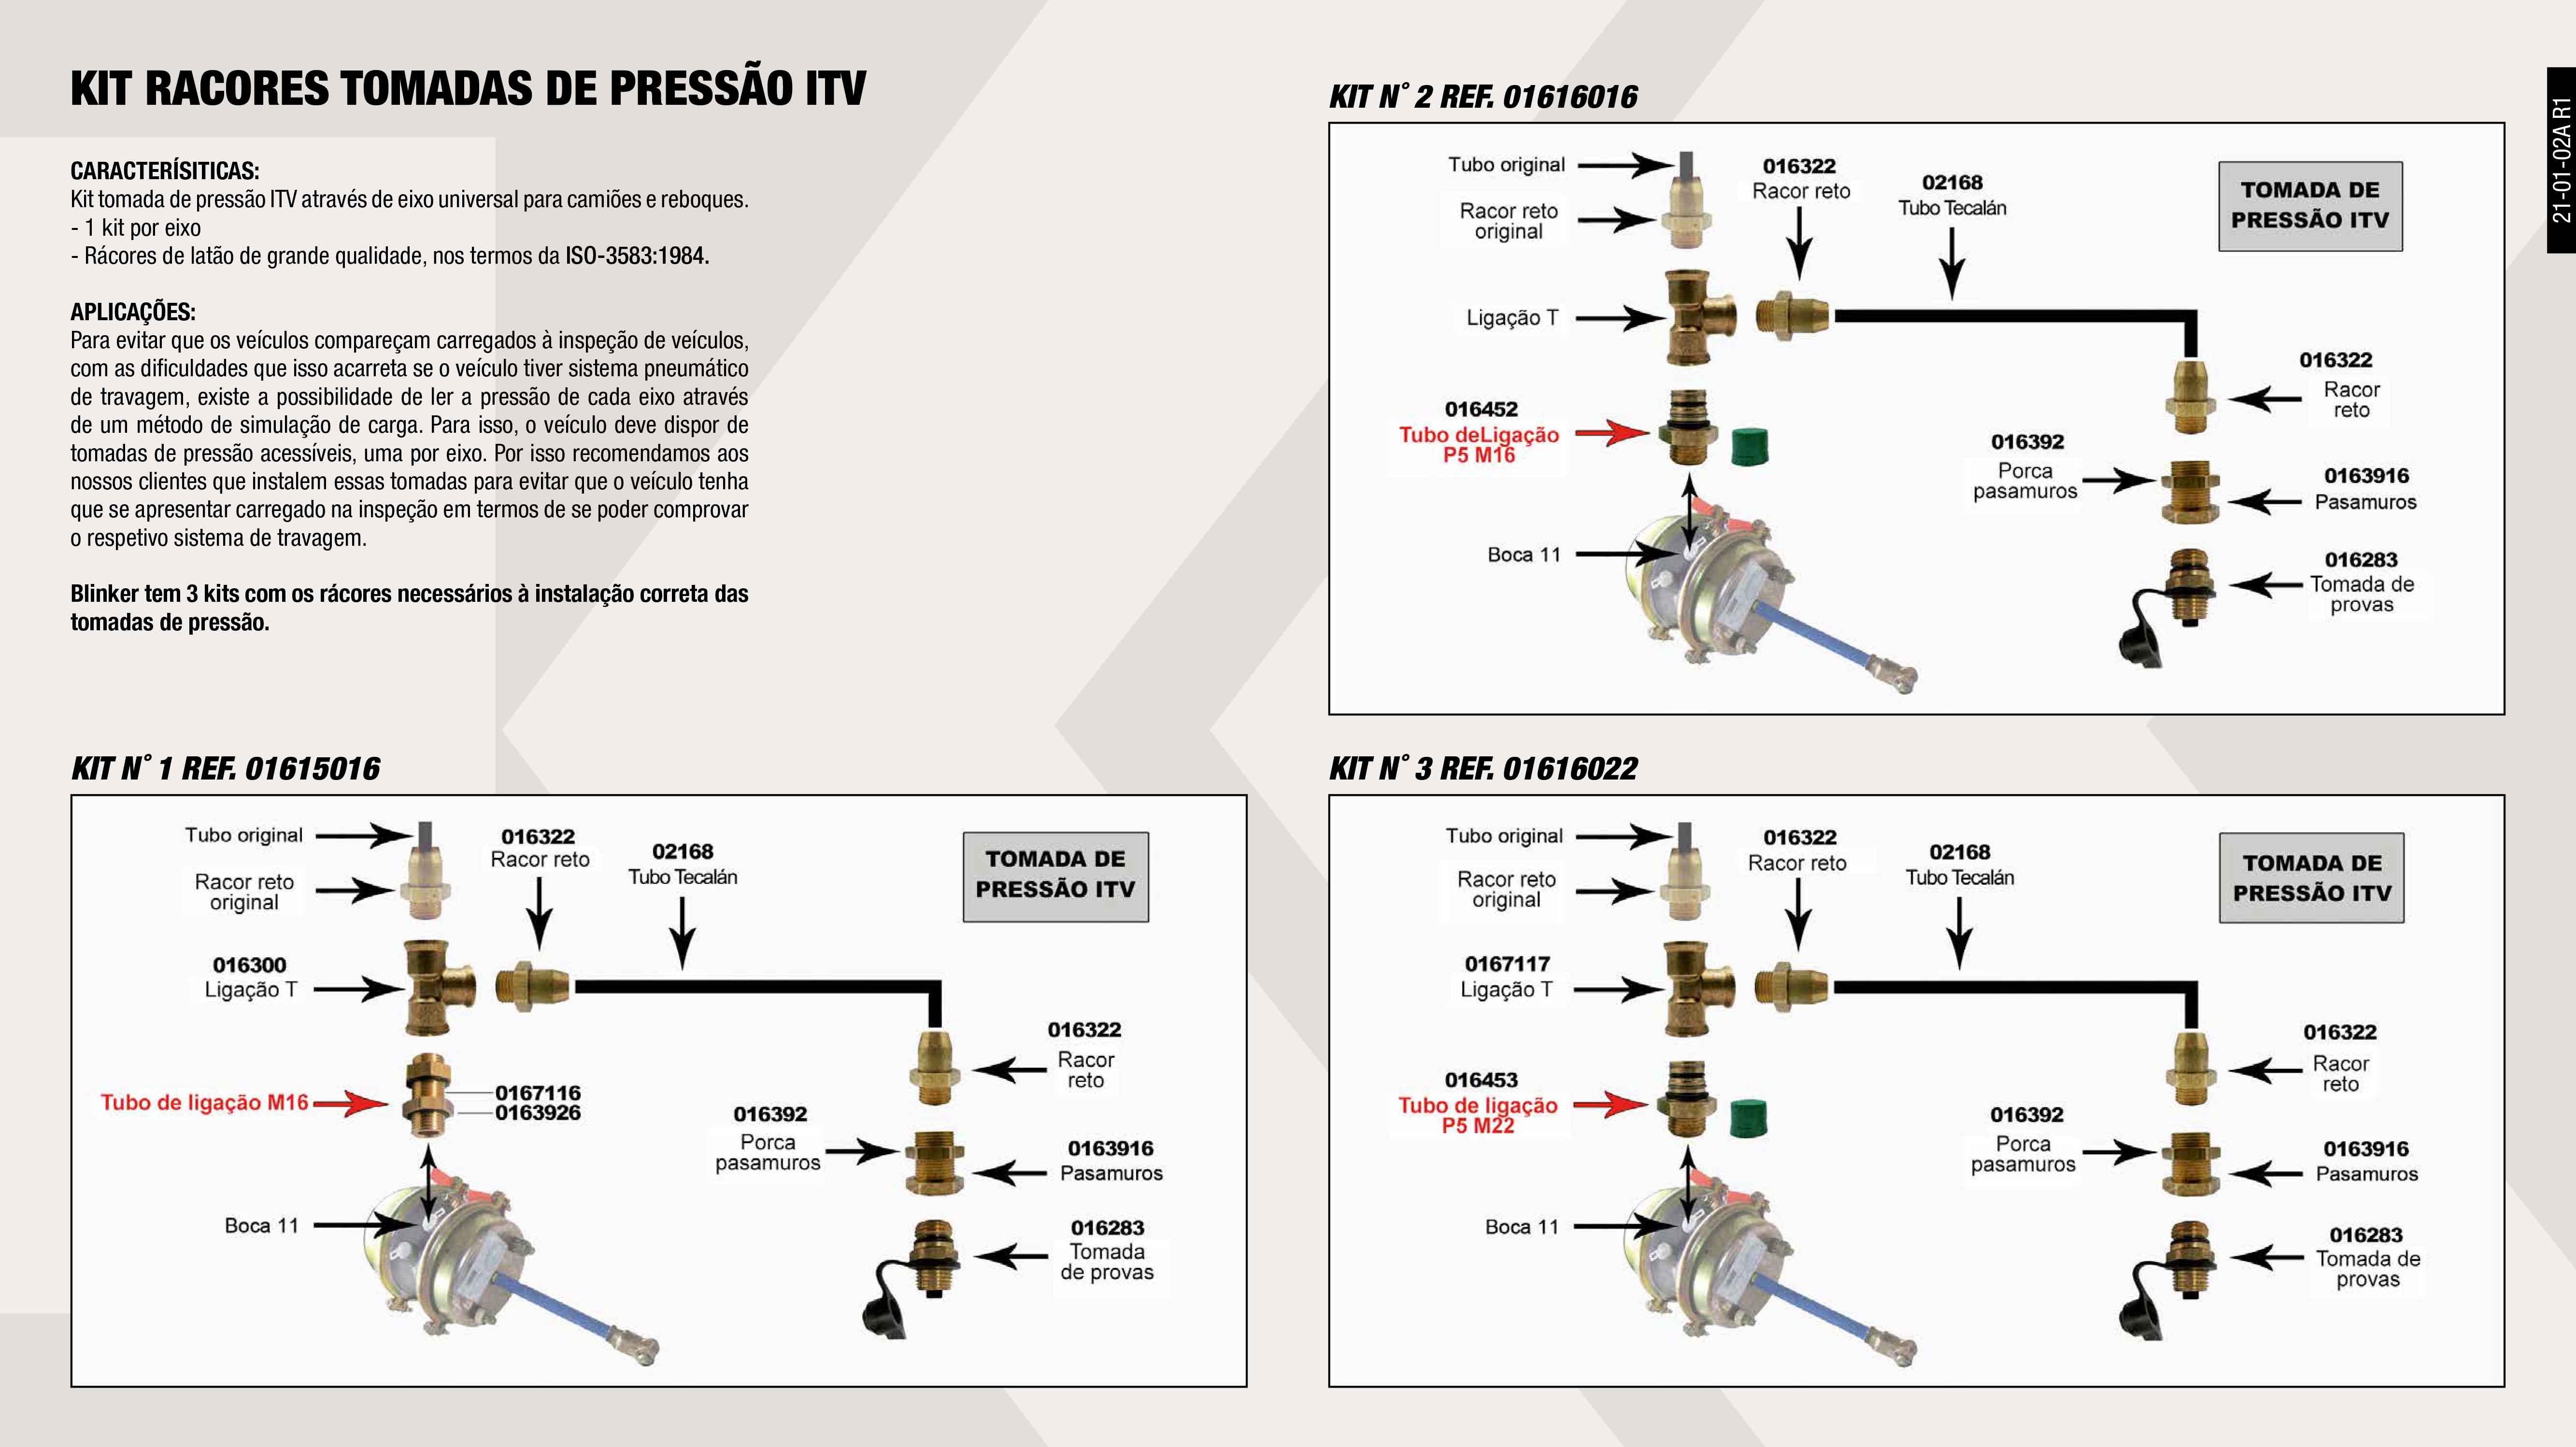 KIT TOMADAS PRESSÃO ITV M22                                 ,  ADAPTADOR DE RECORD M16X1.5                                 ,  KIT TOMADAS PRESSÃO ITV M16                                 ,  KIT TOMADAS PRESSÃO ITV M16 SIN P5                          ,  TUBO TECALAN PRETO 6X8                                      ,  CONTRA PORCA PASSA TABIQUE M16                              ,  CONETOR M16                                                 ,  ADAPTADOR DE RECORD M22X1.5                                 ,  CONETOR P5 M16                                              ,  RECORD CANO M16X150-8X1                                     ,  PONTA RECORD TEST MACHO M16X1,5                             ,  RECORD T ROSCA M16X150                                      ,  PASSA-MUROS M16                                             ,  UNIIÃO CONTRAPORCA M22X1.5MM                                ,